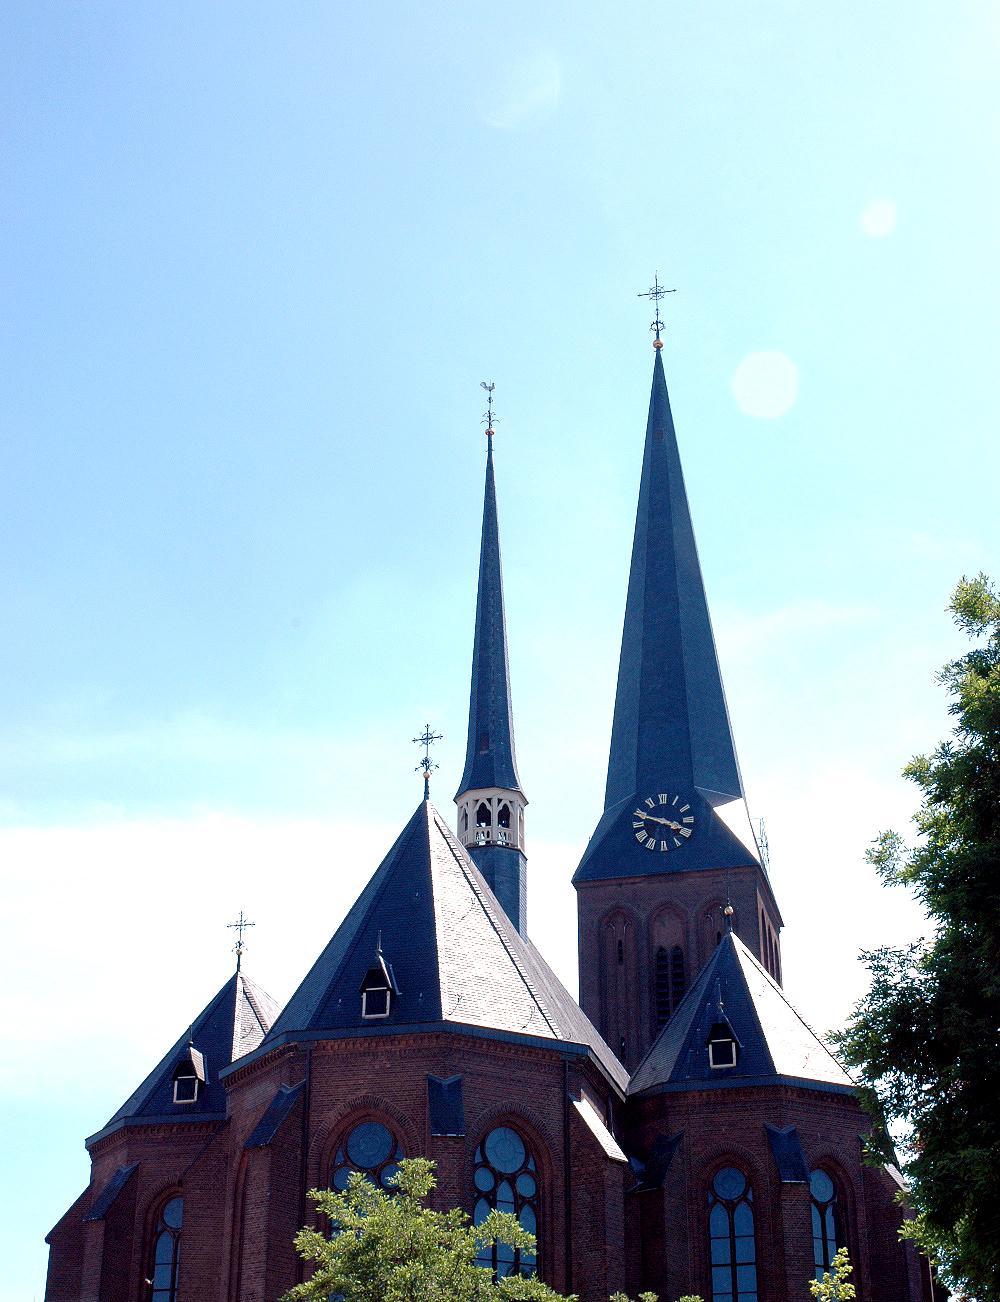 dutch-church-1545467